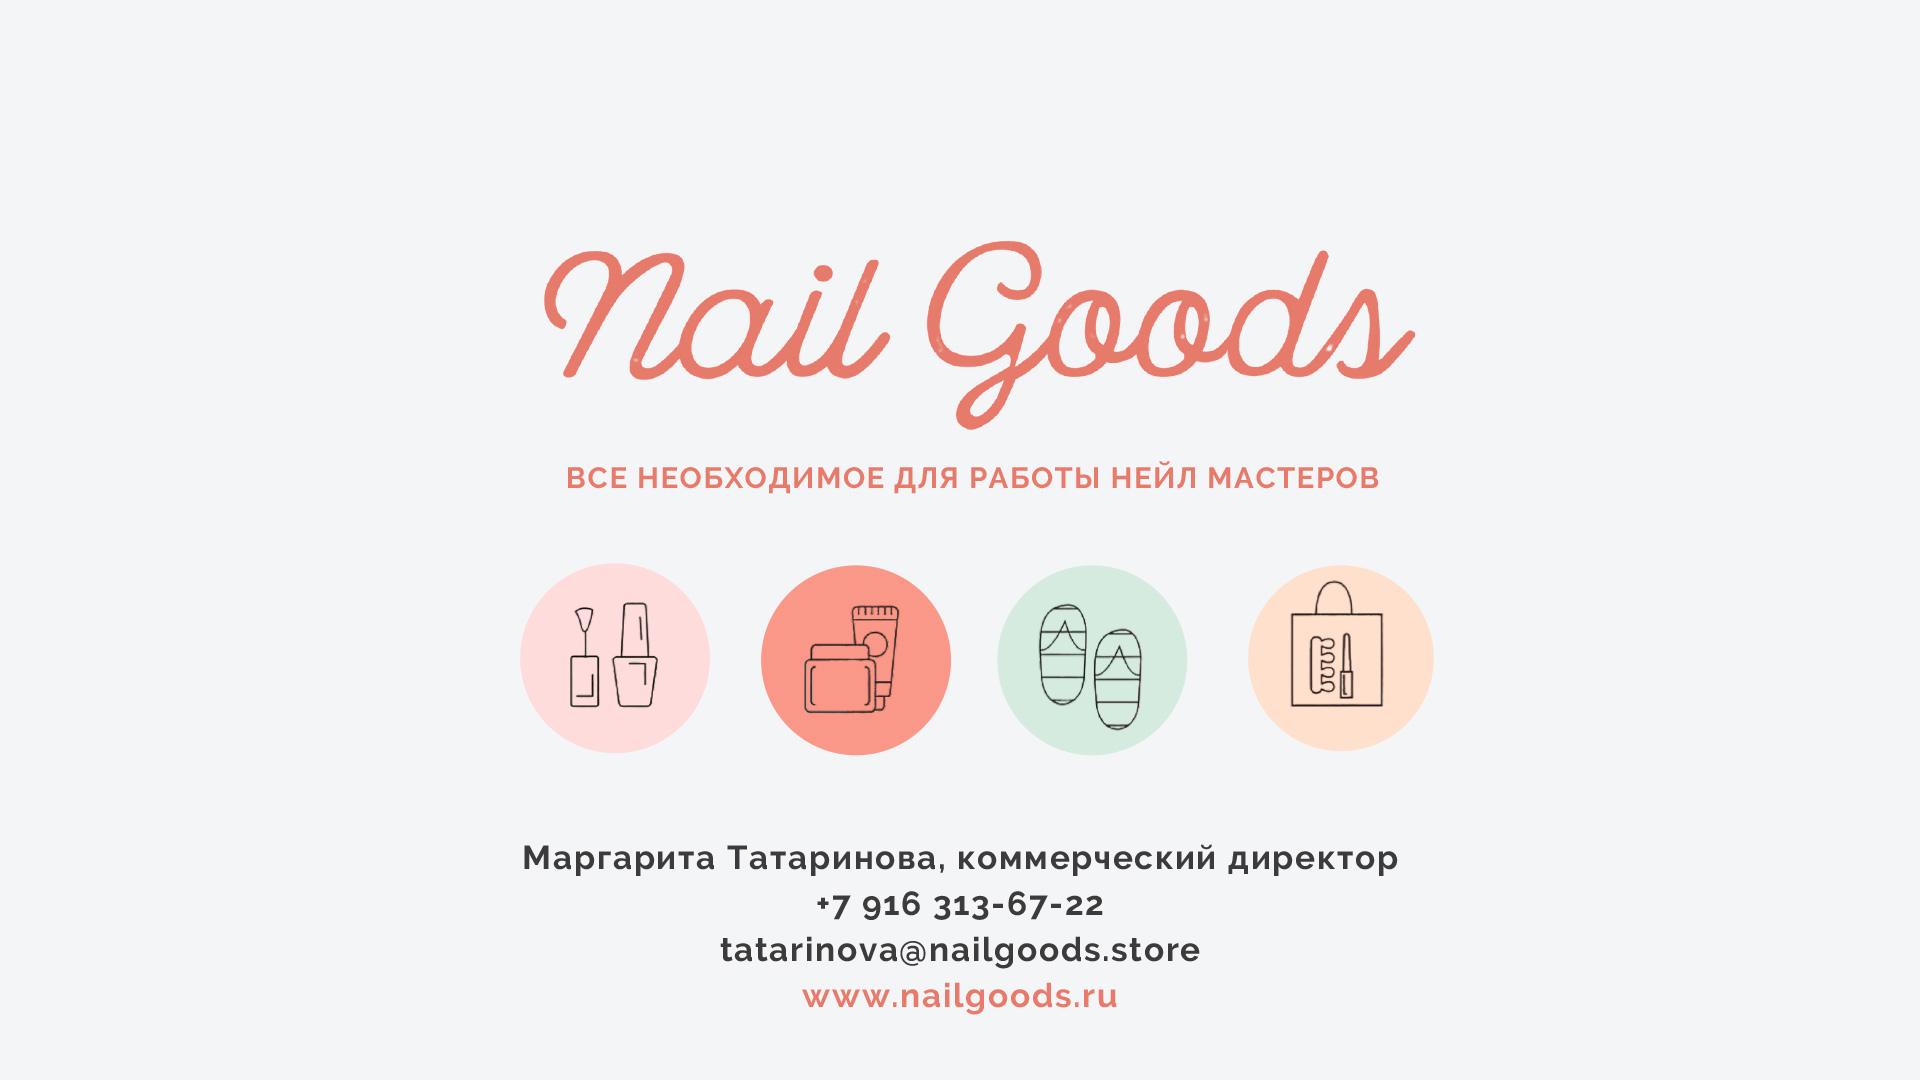 Информация о компании Nail Goods - 3